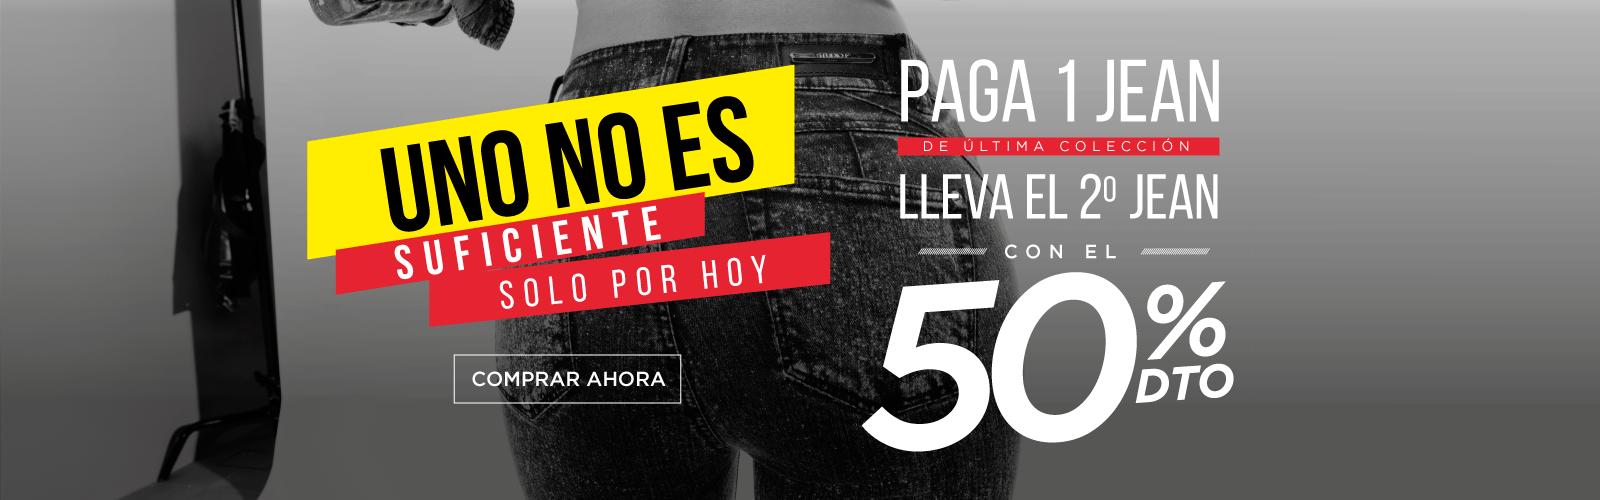 Ofertas y rebajas en ropa y accesorios para mujer Studio F Colombia